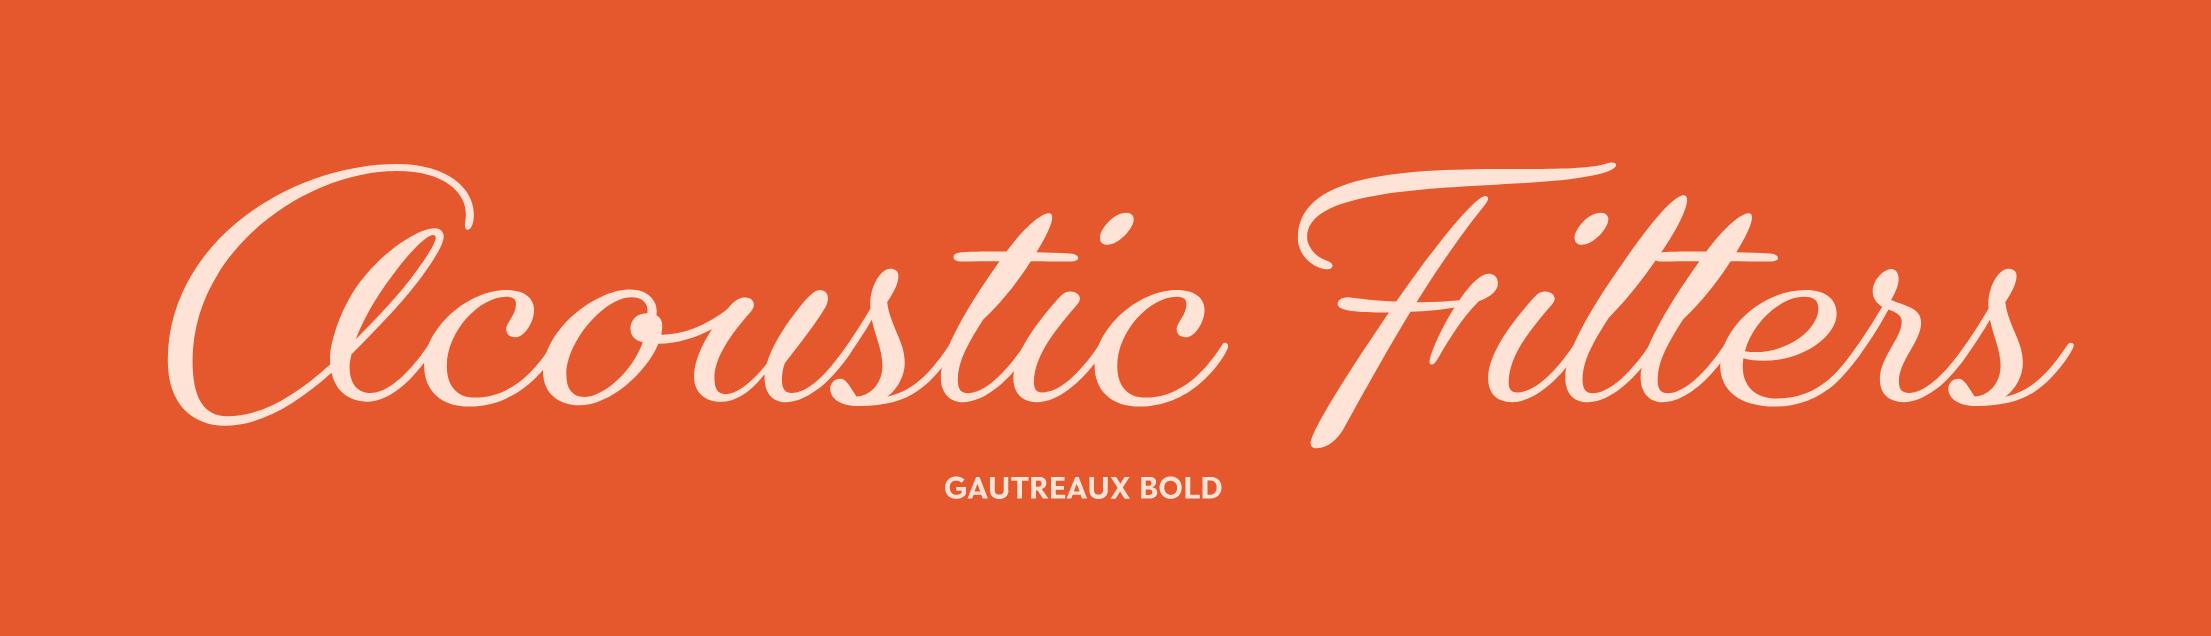 Gautreaux, Victoria Rushton, Type Network